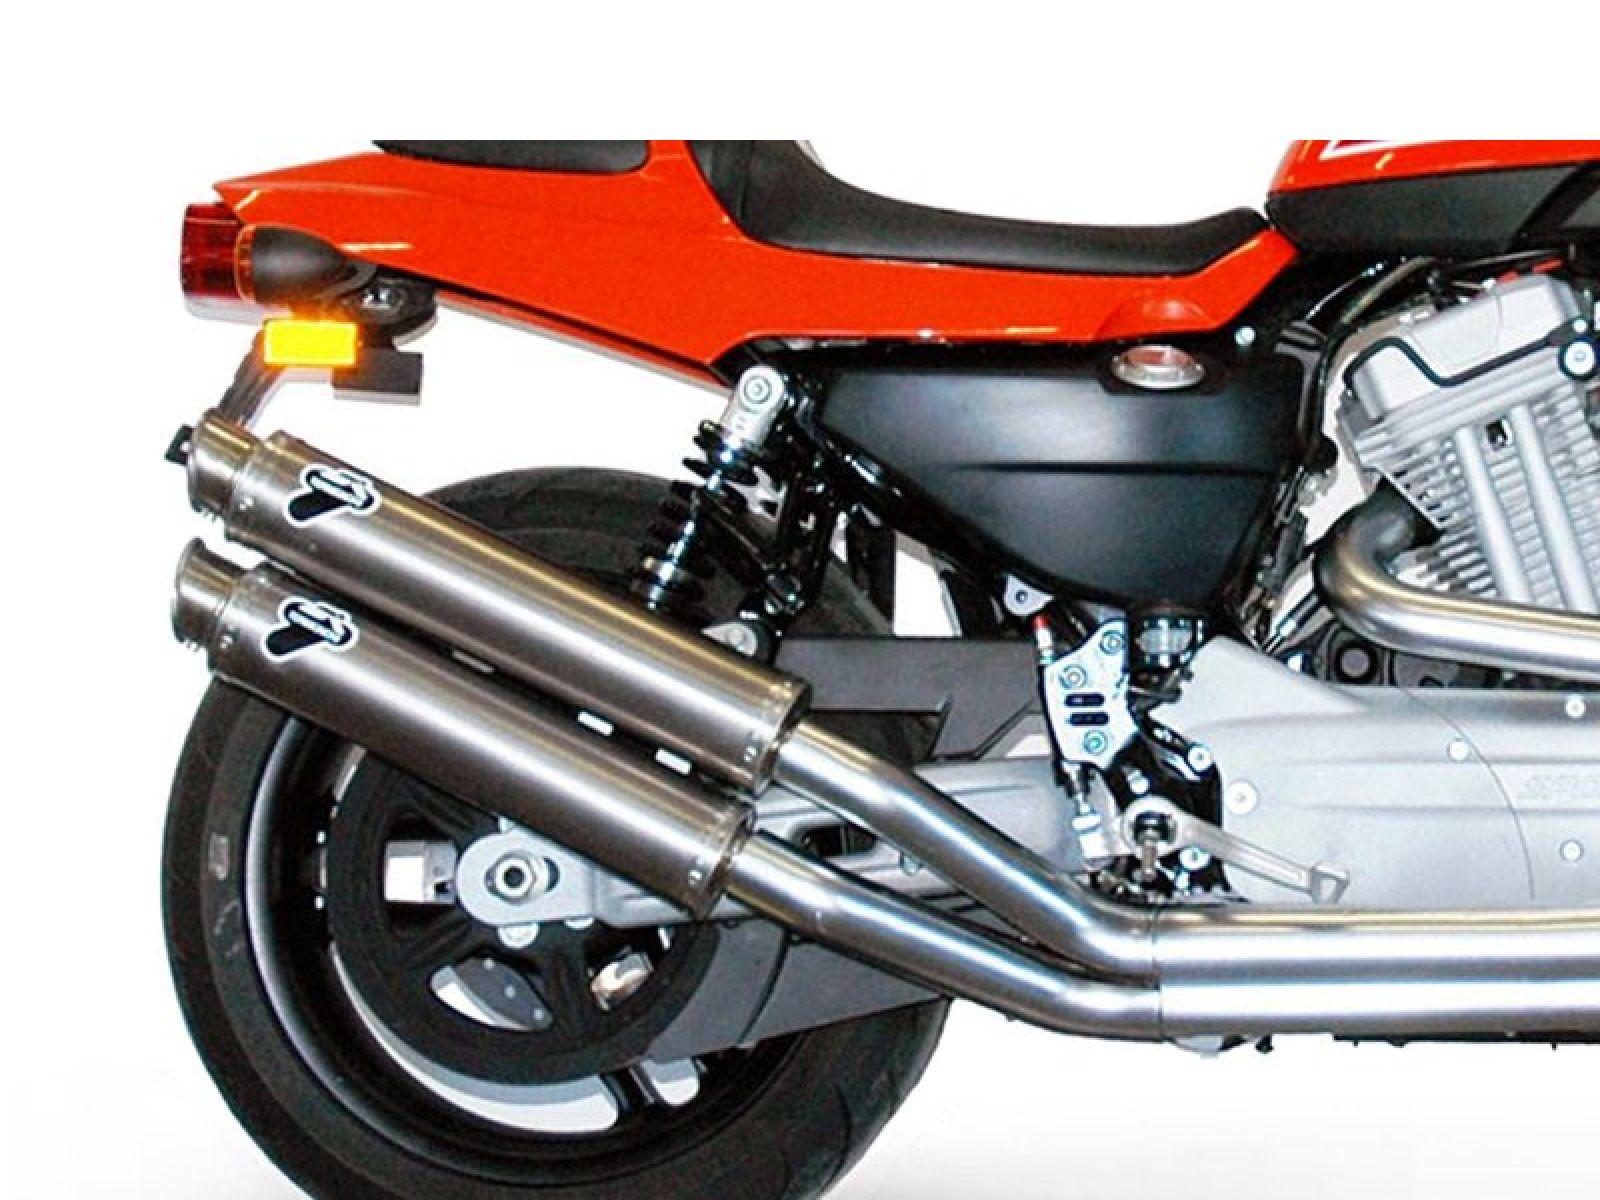 Выхлопная система Termignoni для Harley Davidson XR-1200 08-11